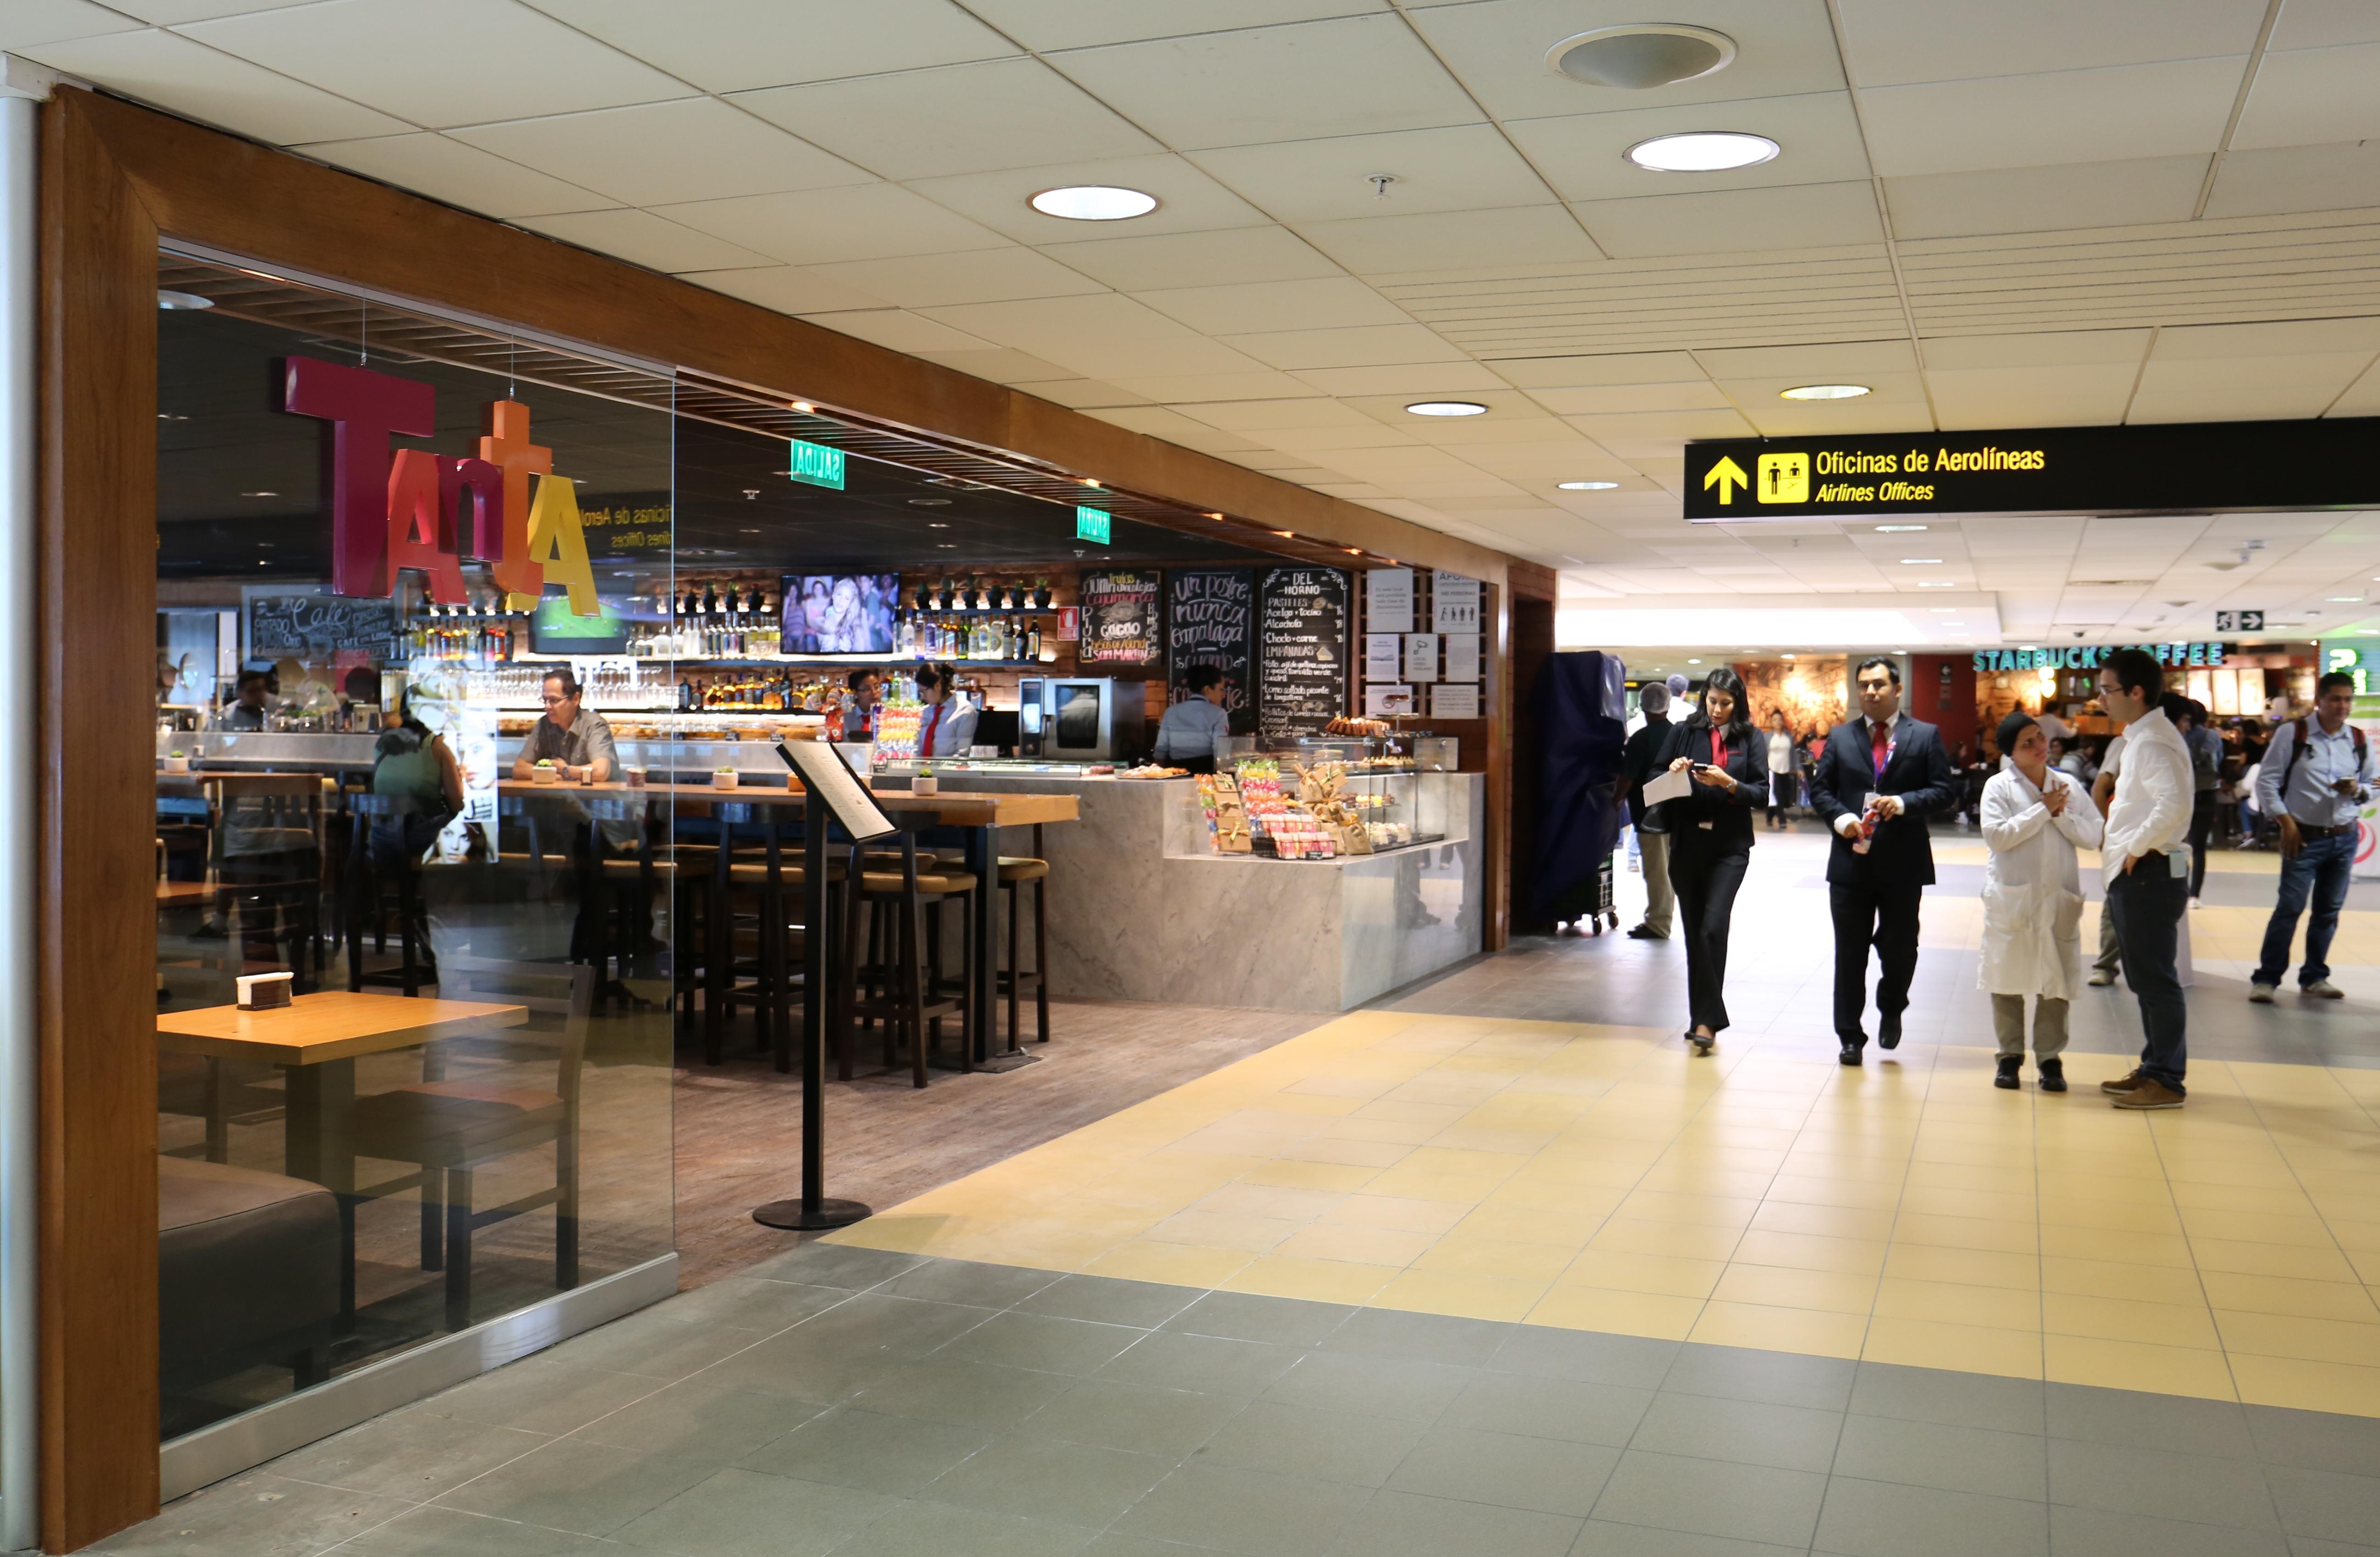 TANTA - Aeropuerto Internacional Jorge Chávez recibe a Tanta y Delicass